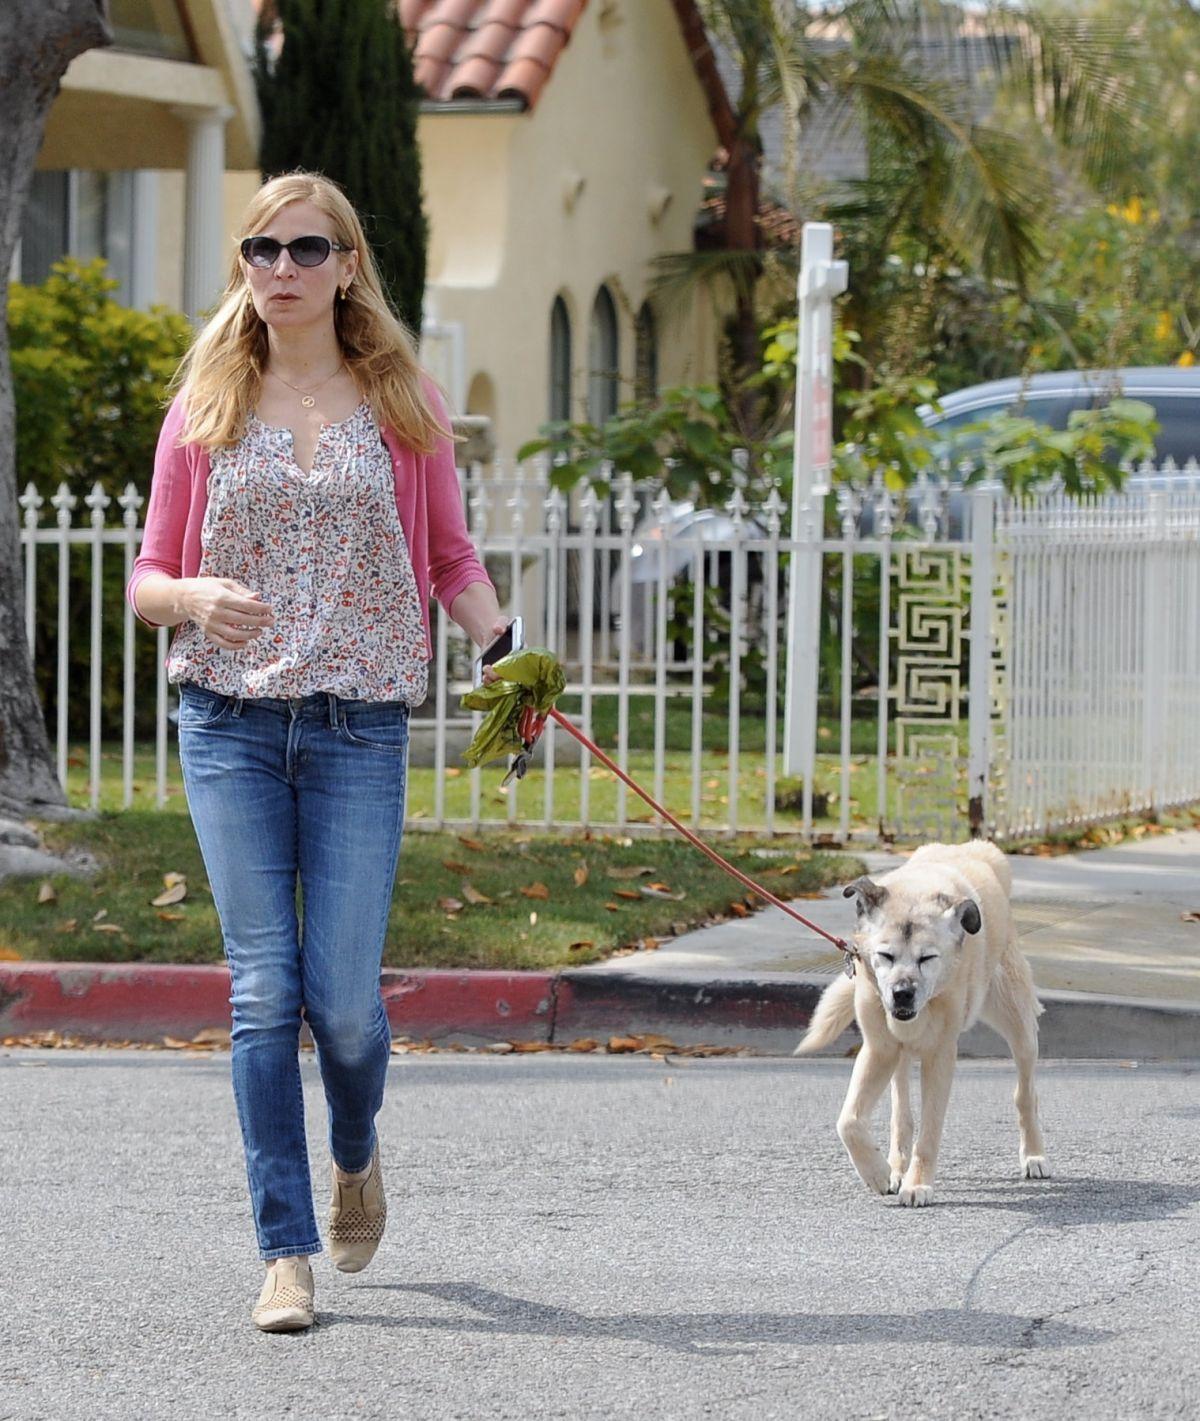 JENNIFER WESTFELDT Walks Her Dog Out in Los Angeles 05/24/2016